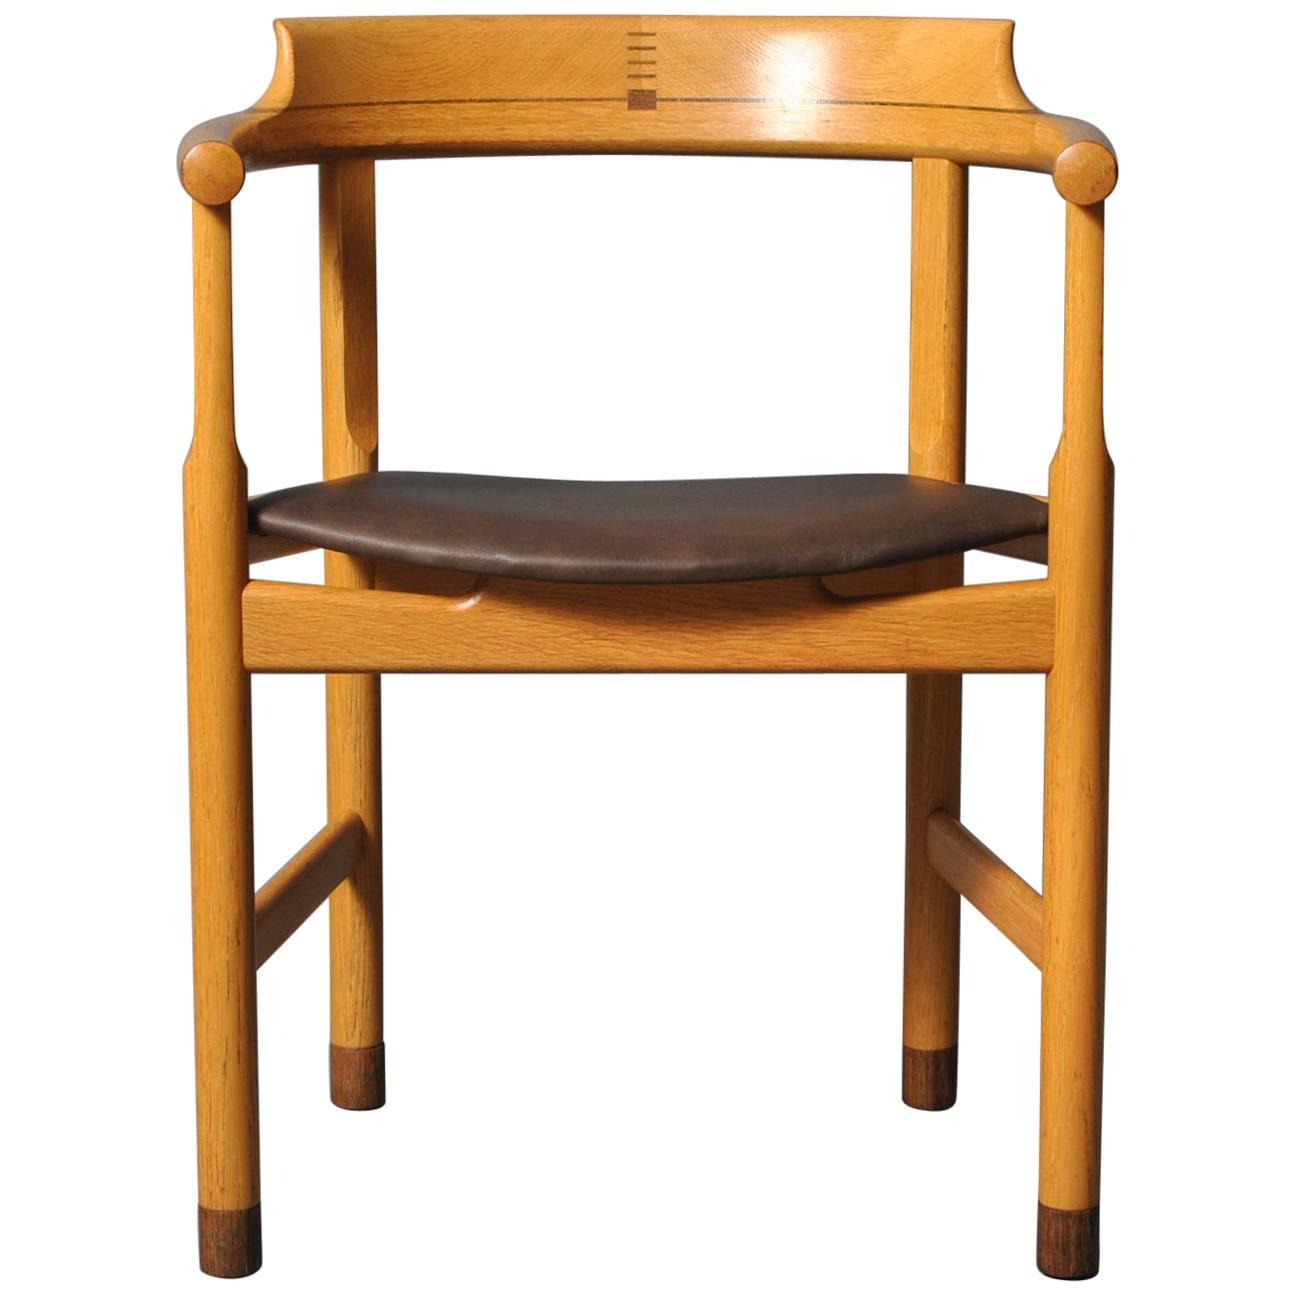 Hans J Wegner PP52 Chairs